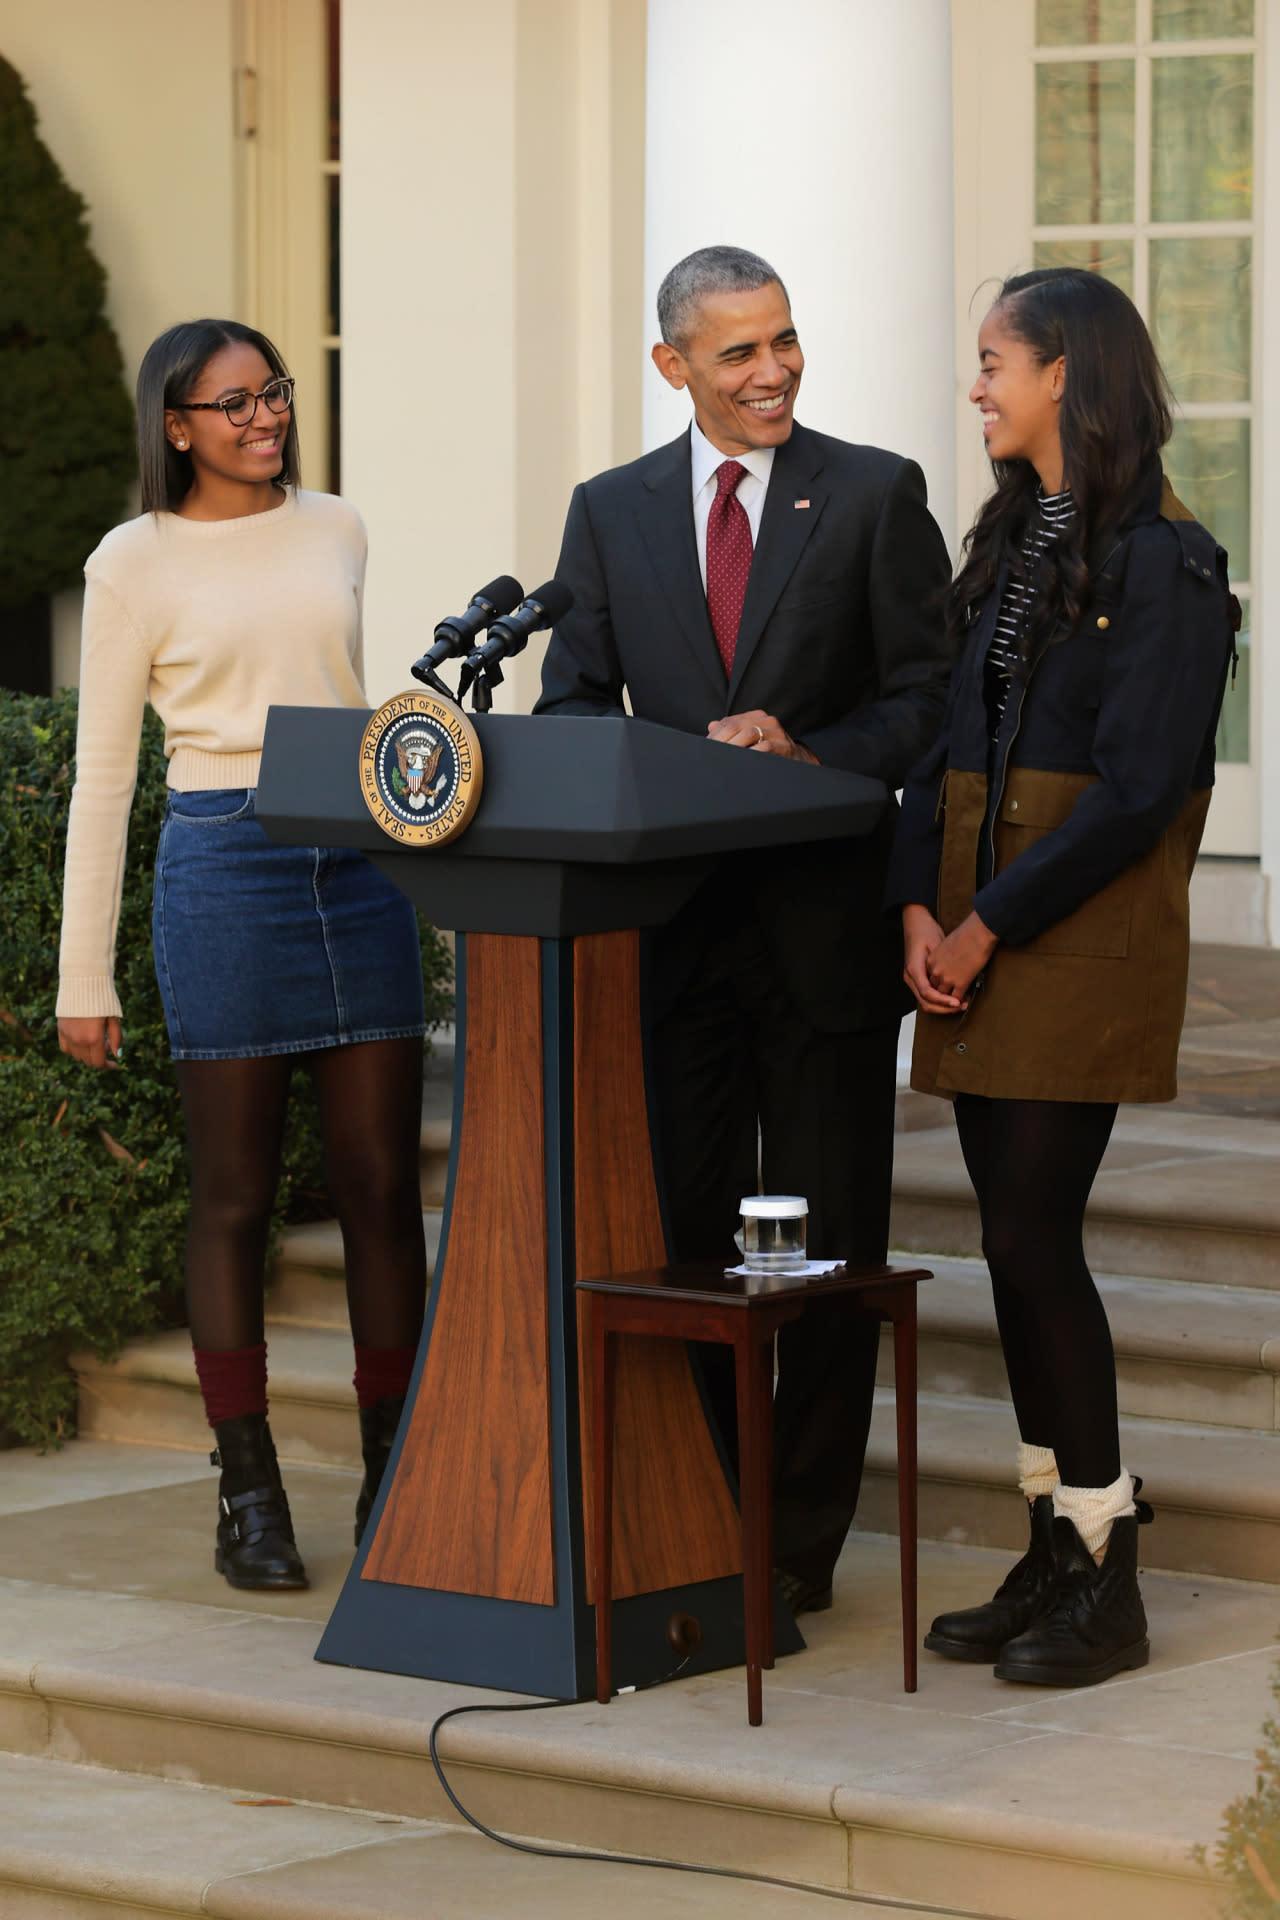 Sasha and Malia join President Obama for the 2015 presidential turkey pardon